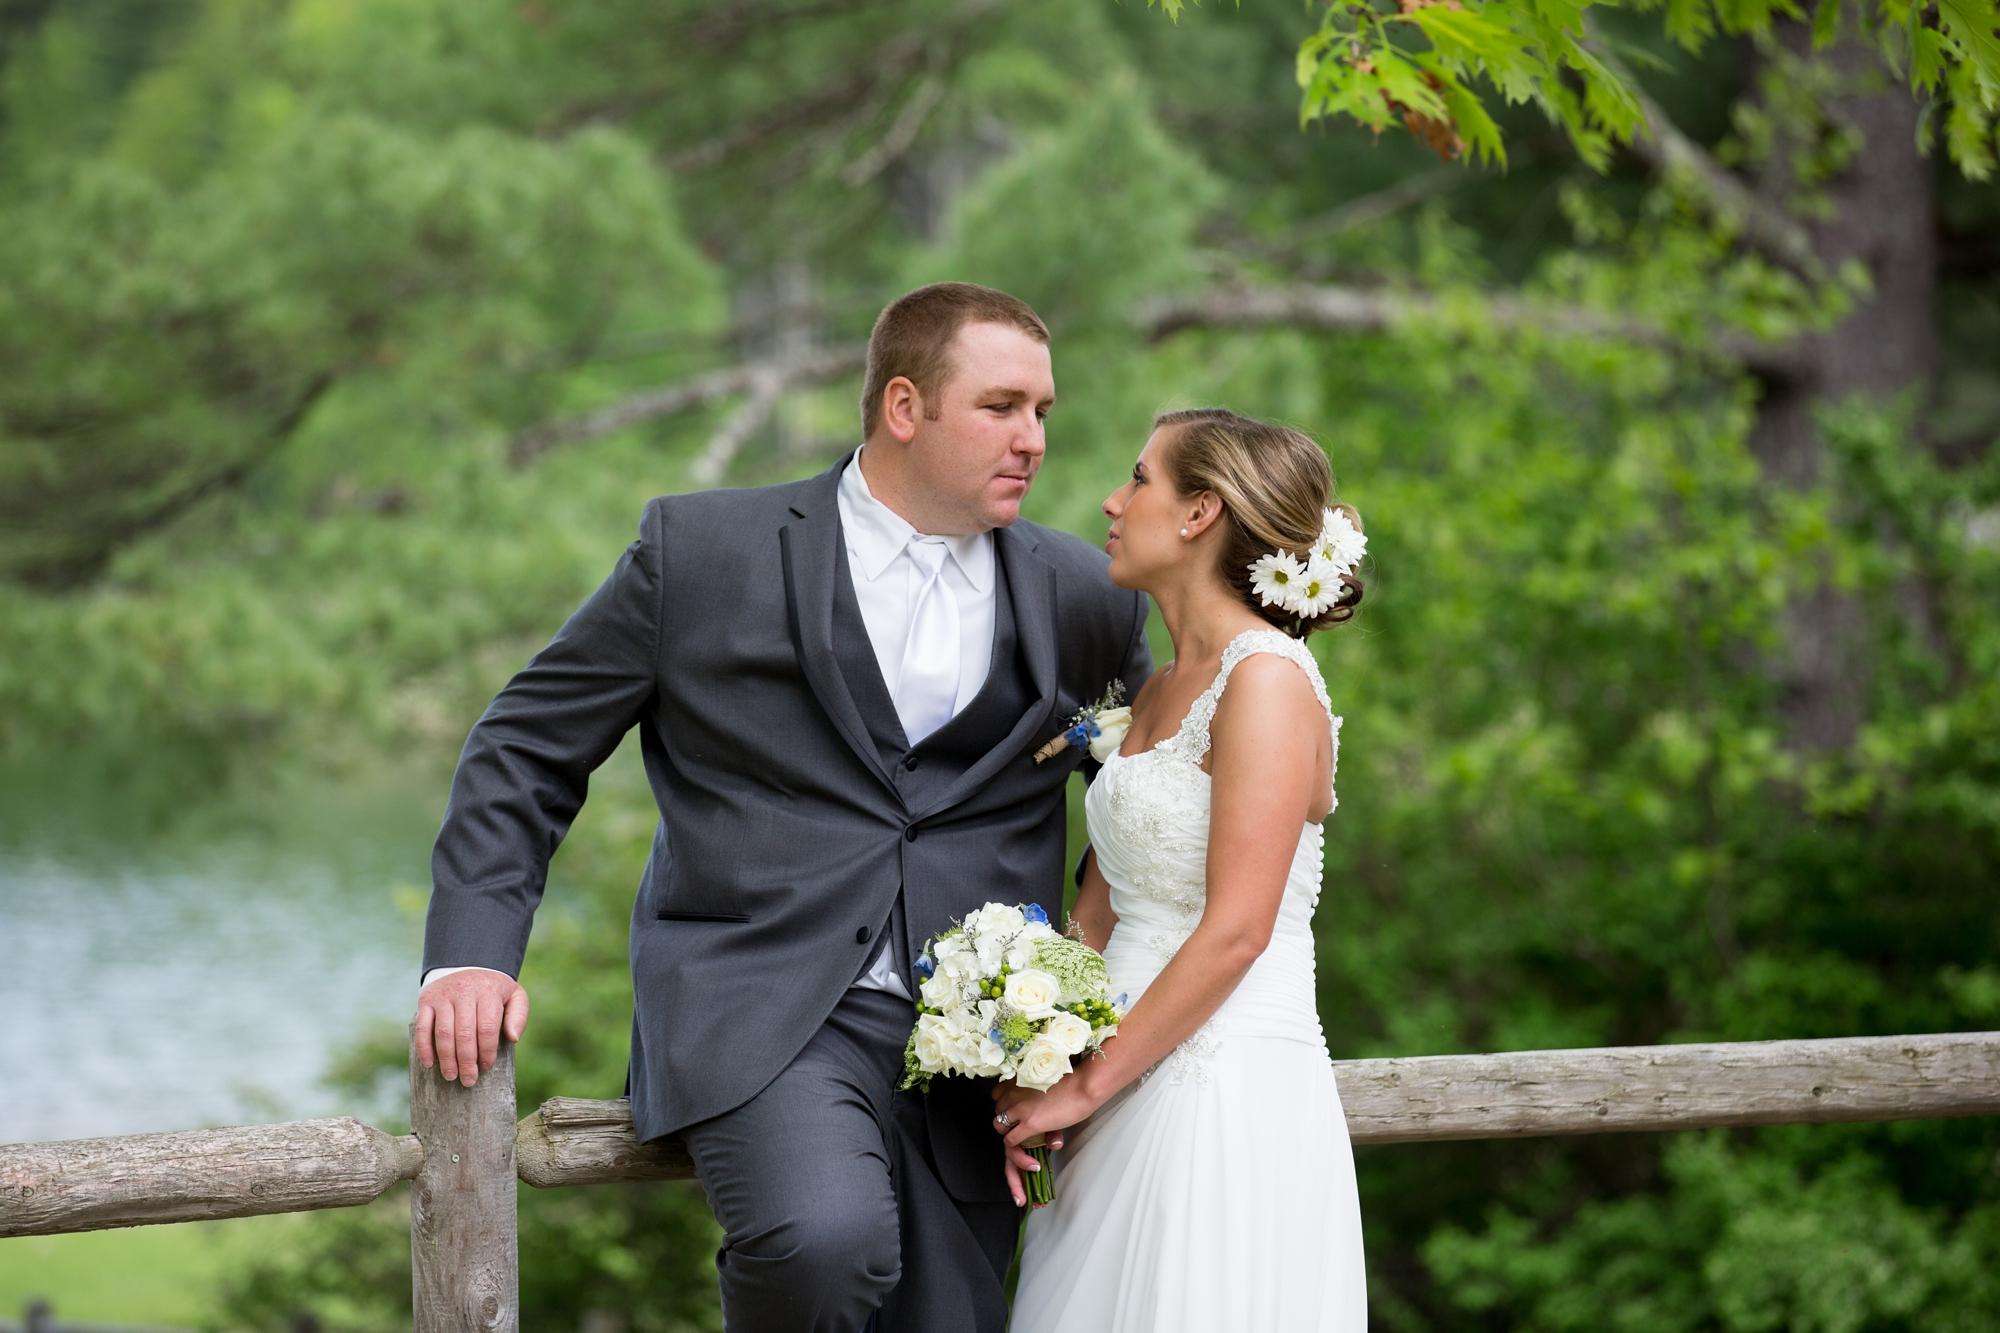 Albany NY Wedding Photographer Justin Tibbitts Photography 2014 Best of Albany NY Weddings-4884680